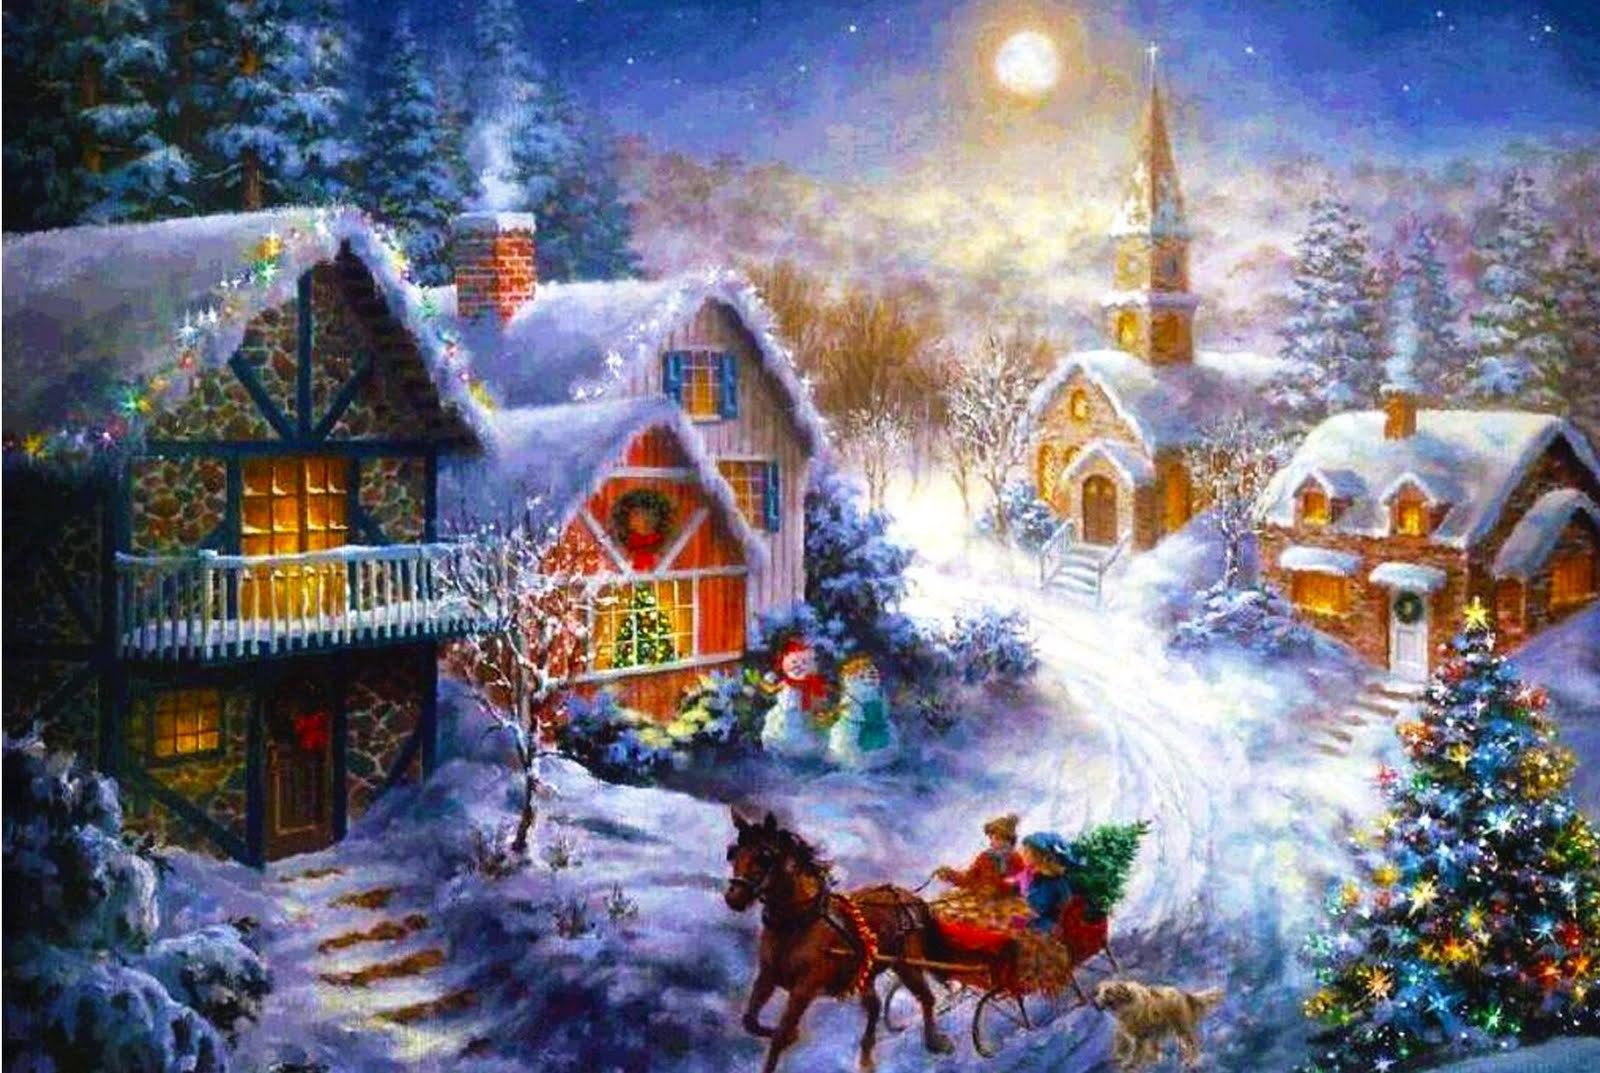 Красавчик картинках, рождественские и новогодние открытки картинки